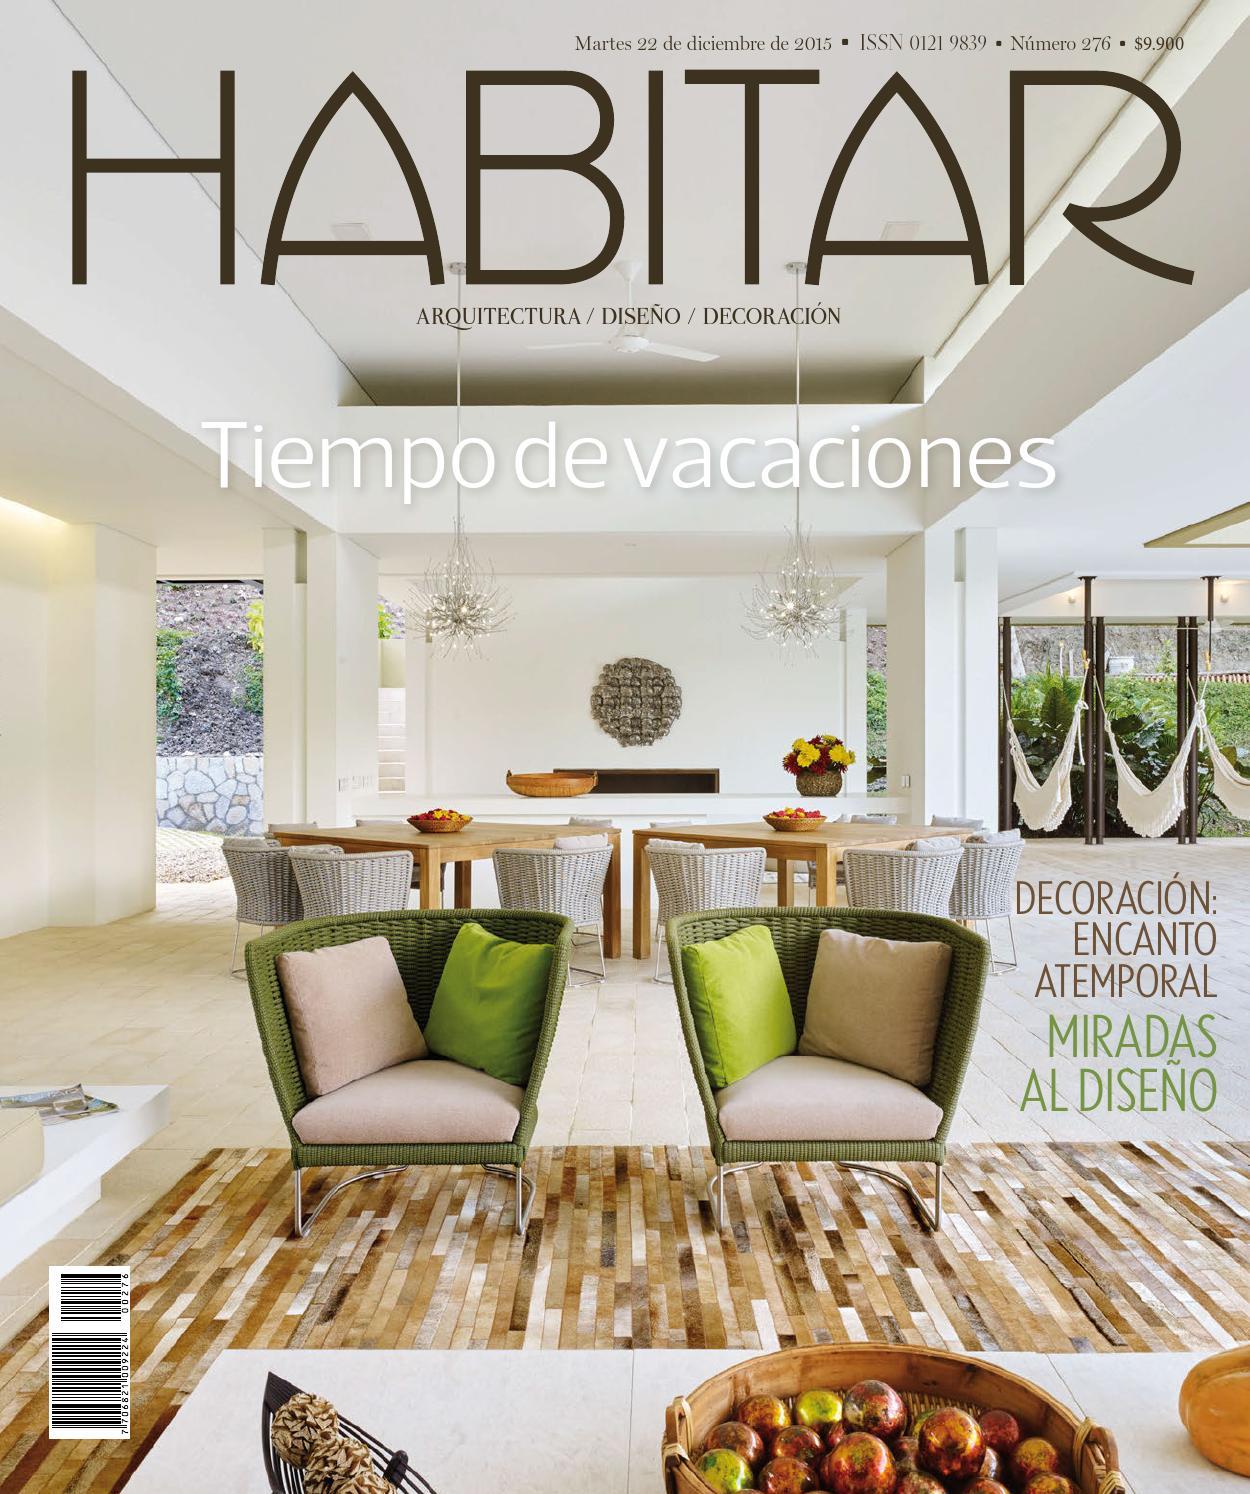 Habitar No. 276 - Diciembre 2015 by Revista Metrocuadrado - issuu